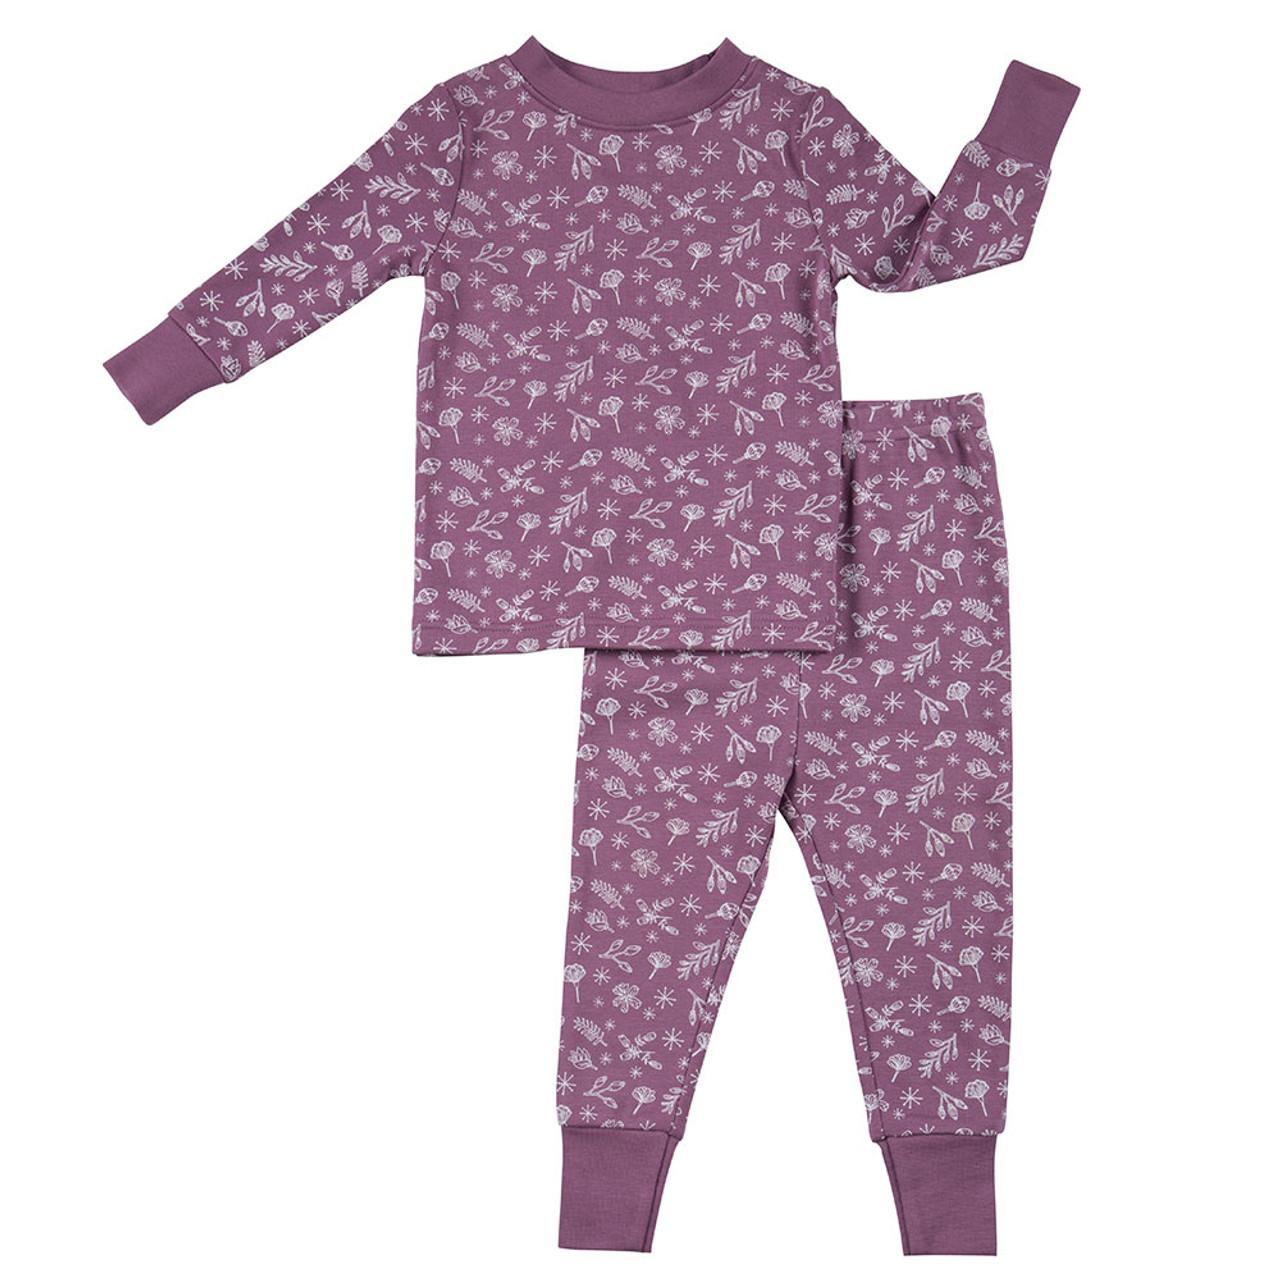 b8d4c01884c1 Botanicals Sleepwear Set